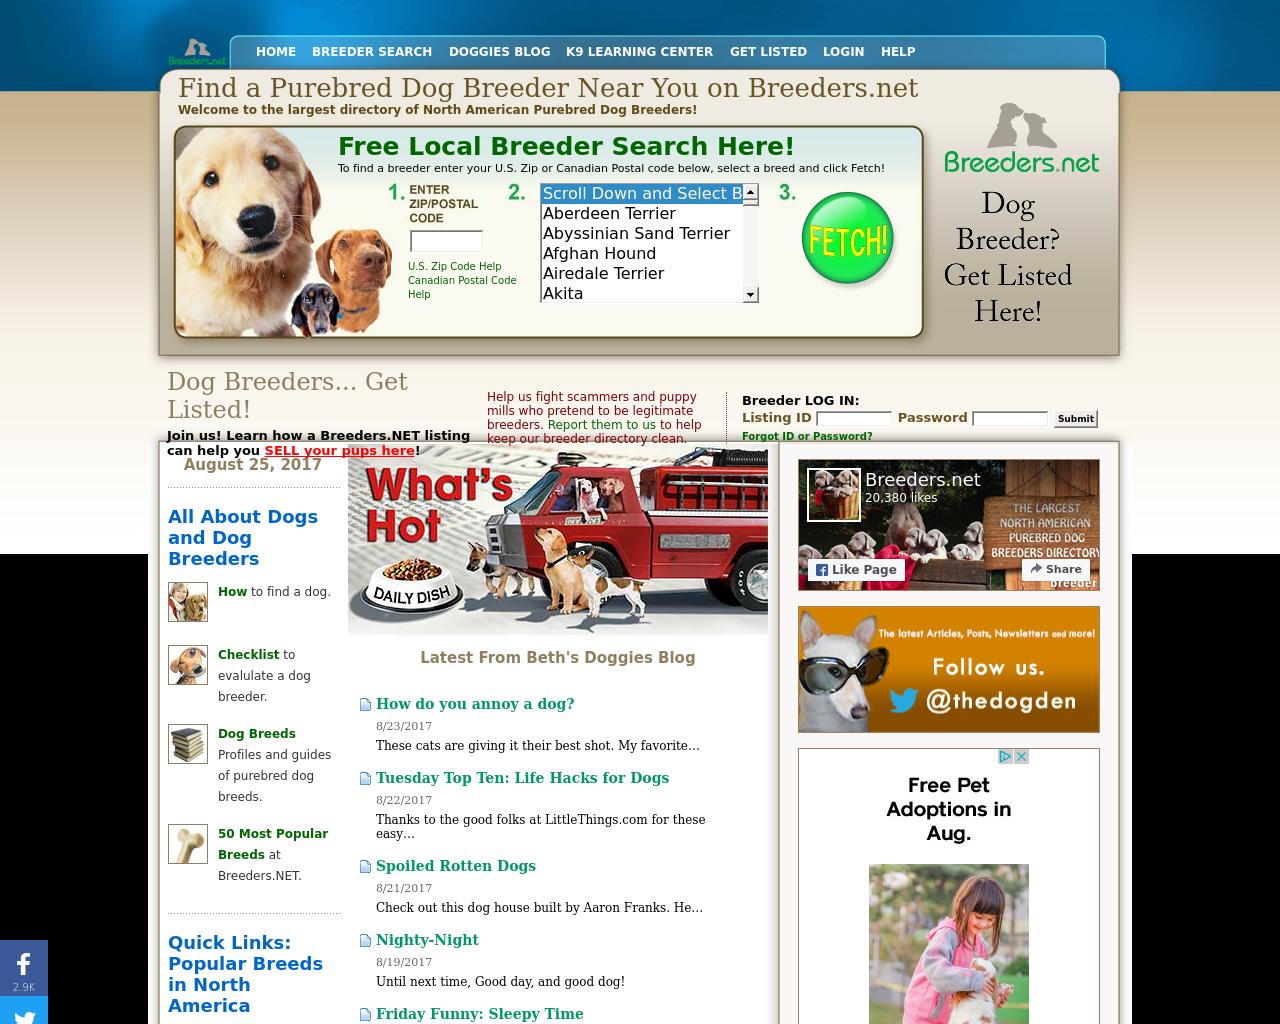 Breeders.net-Advertising-Reviews-Pricing